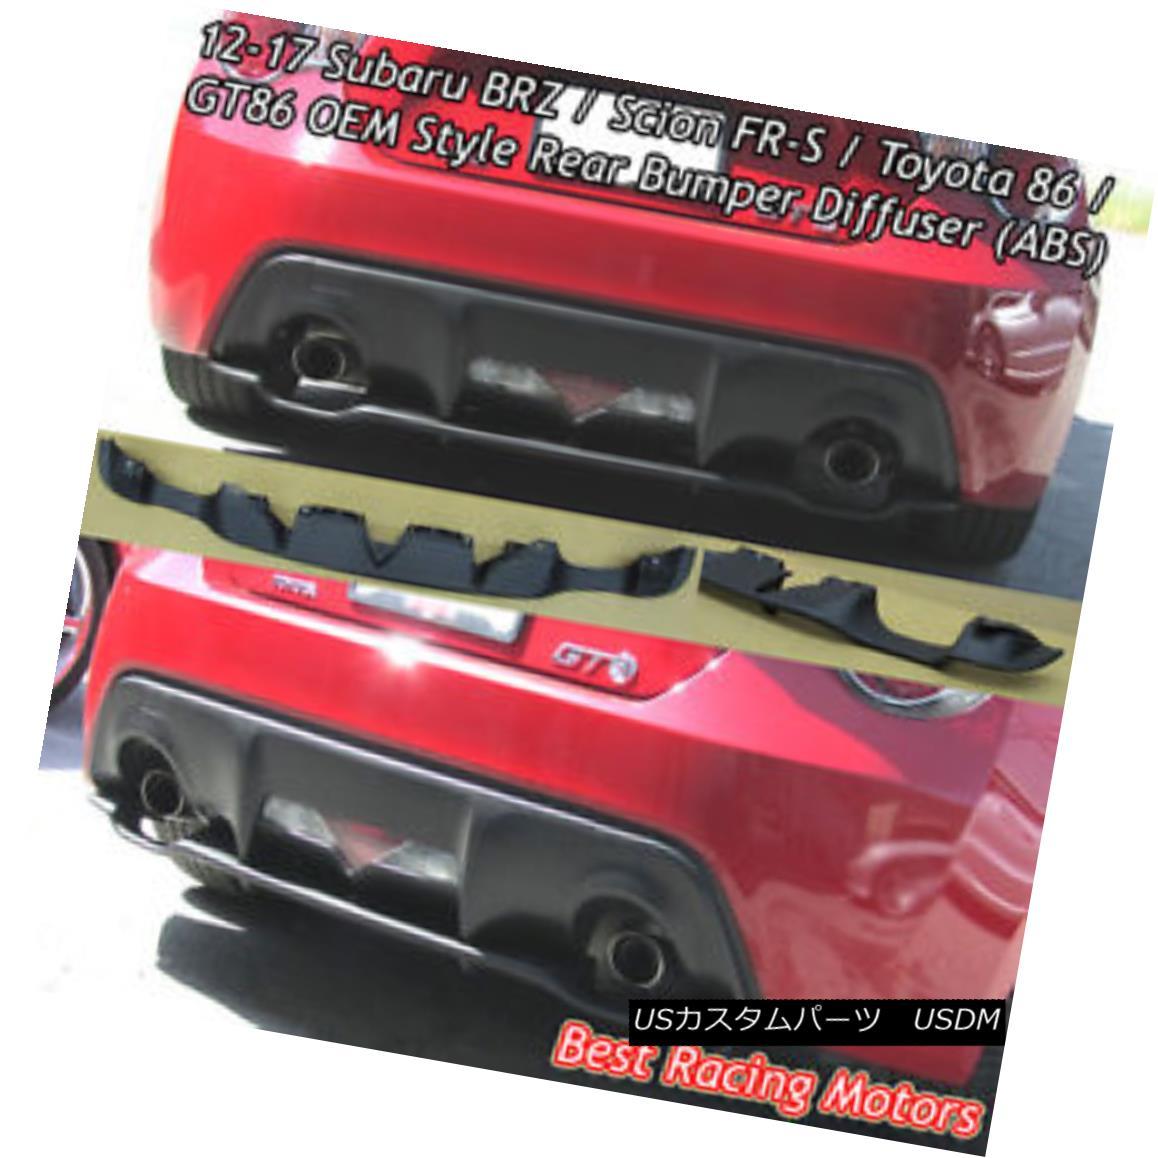 エアロパーツ Factory Style Rear Bumper Diffuser (ABS) Fits 12-18 Subaru BRZ 工場スタイルのリアバンパーディフューザー(ABS)が12-18スバルBRZに適合